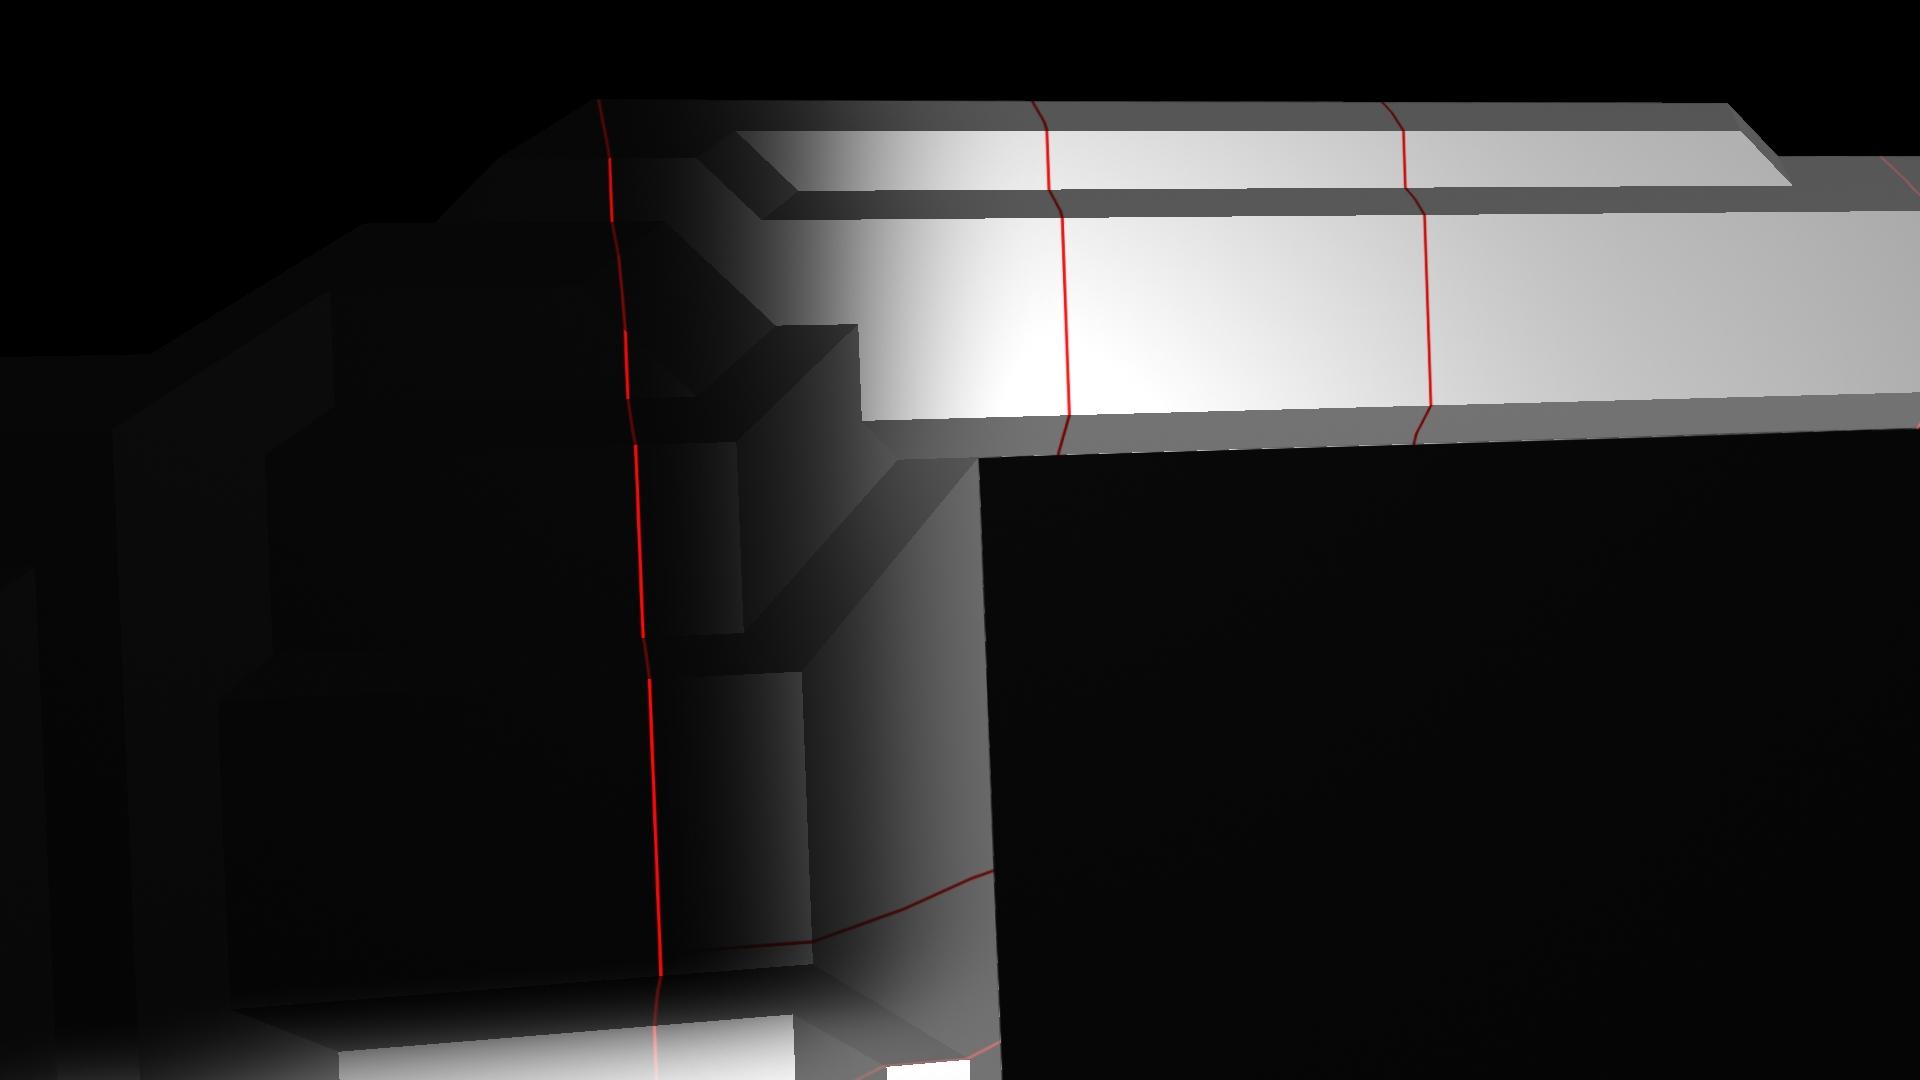 render10.jpg